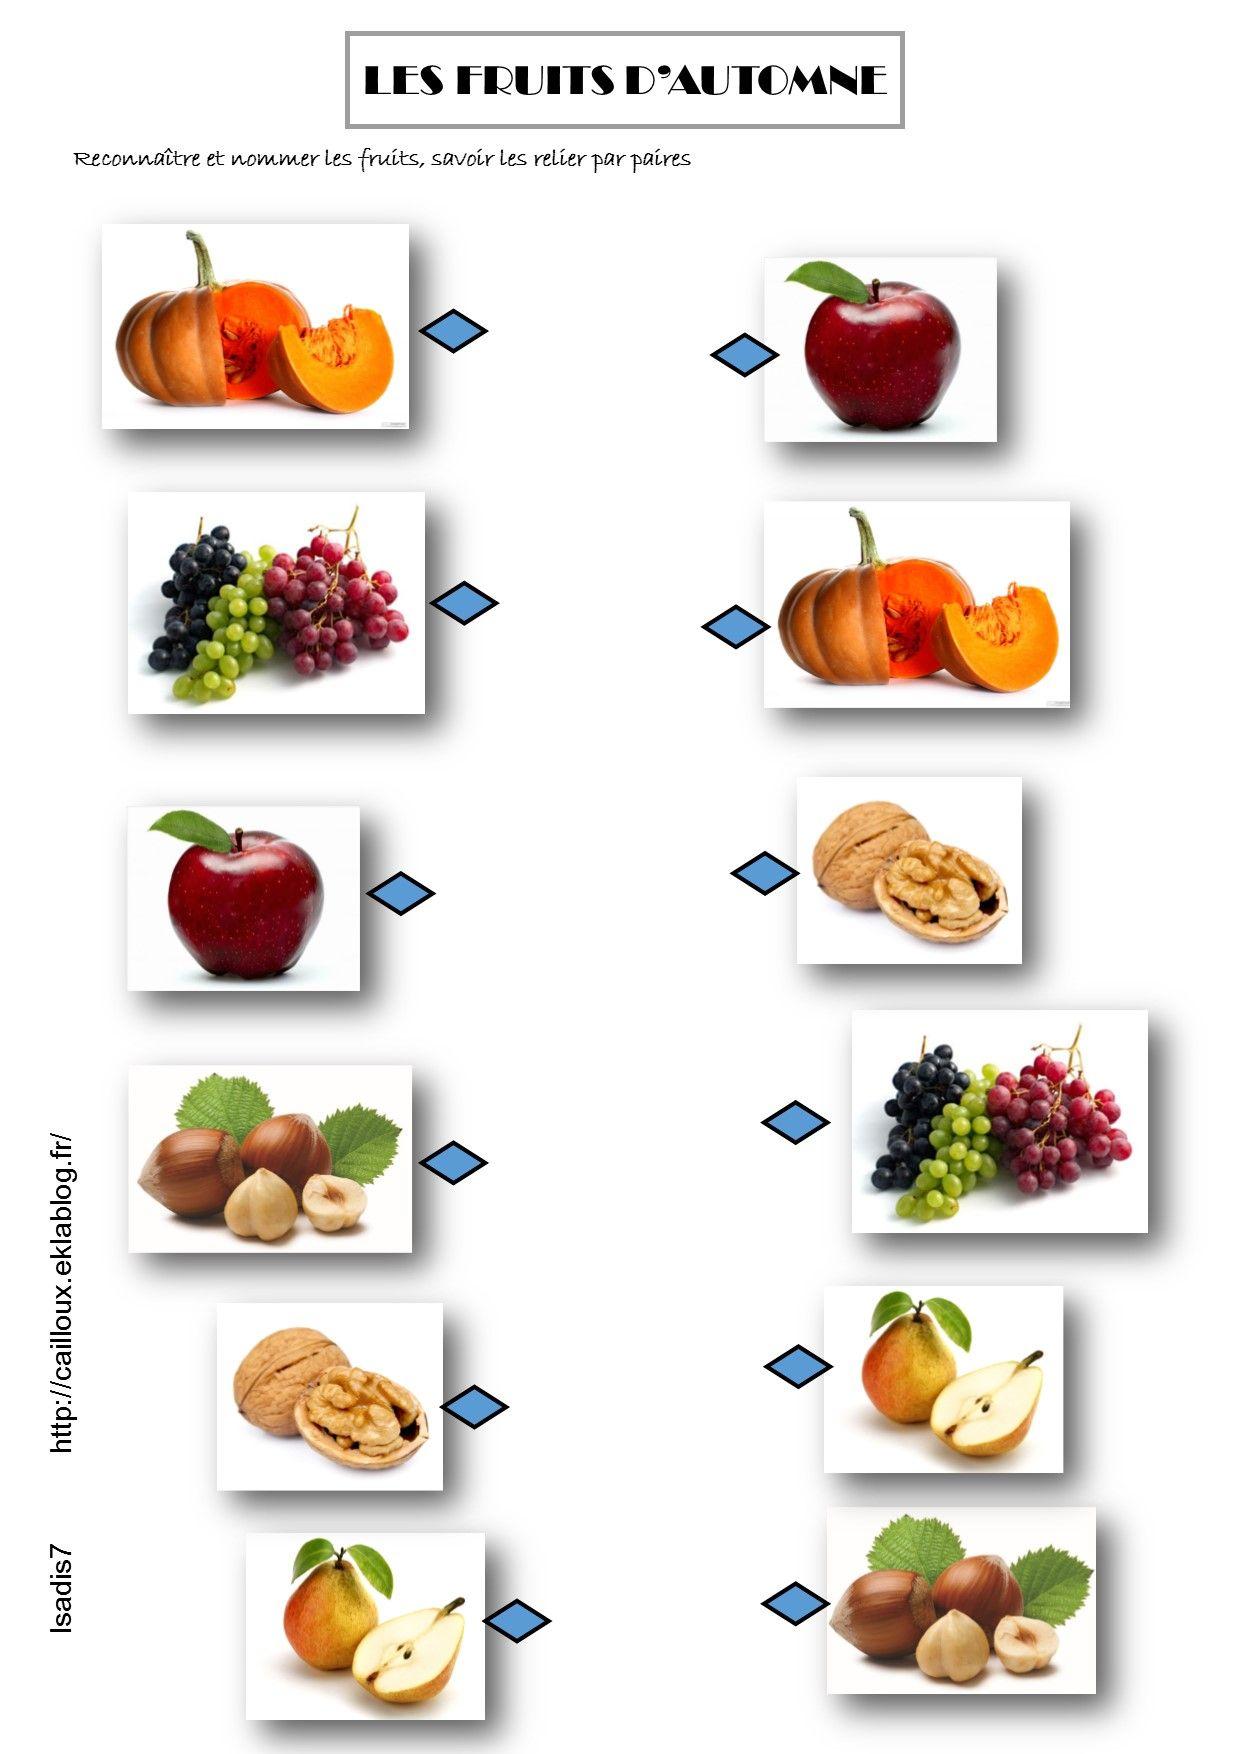 Les fruits d 39 automne sciences pinterest les fruits - Fruits automne maternelle ...